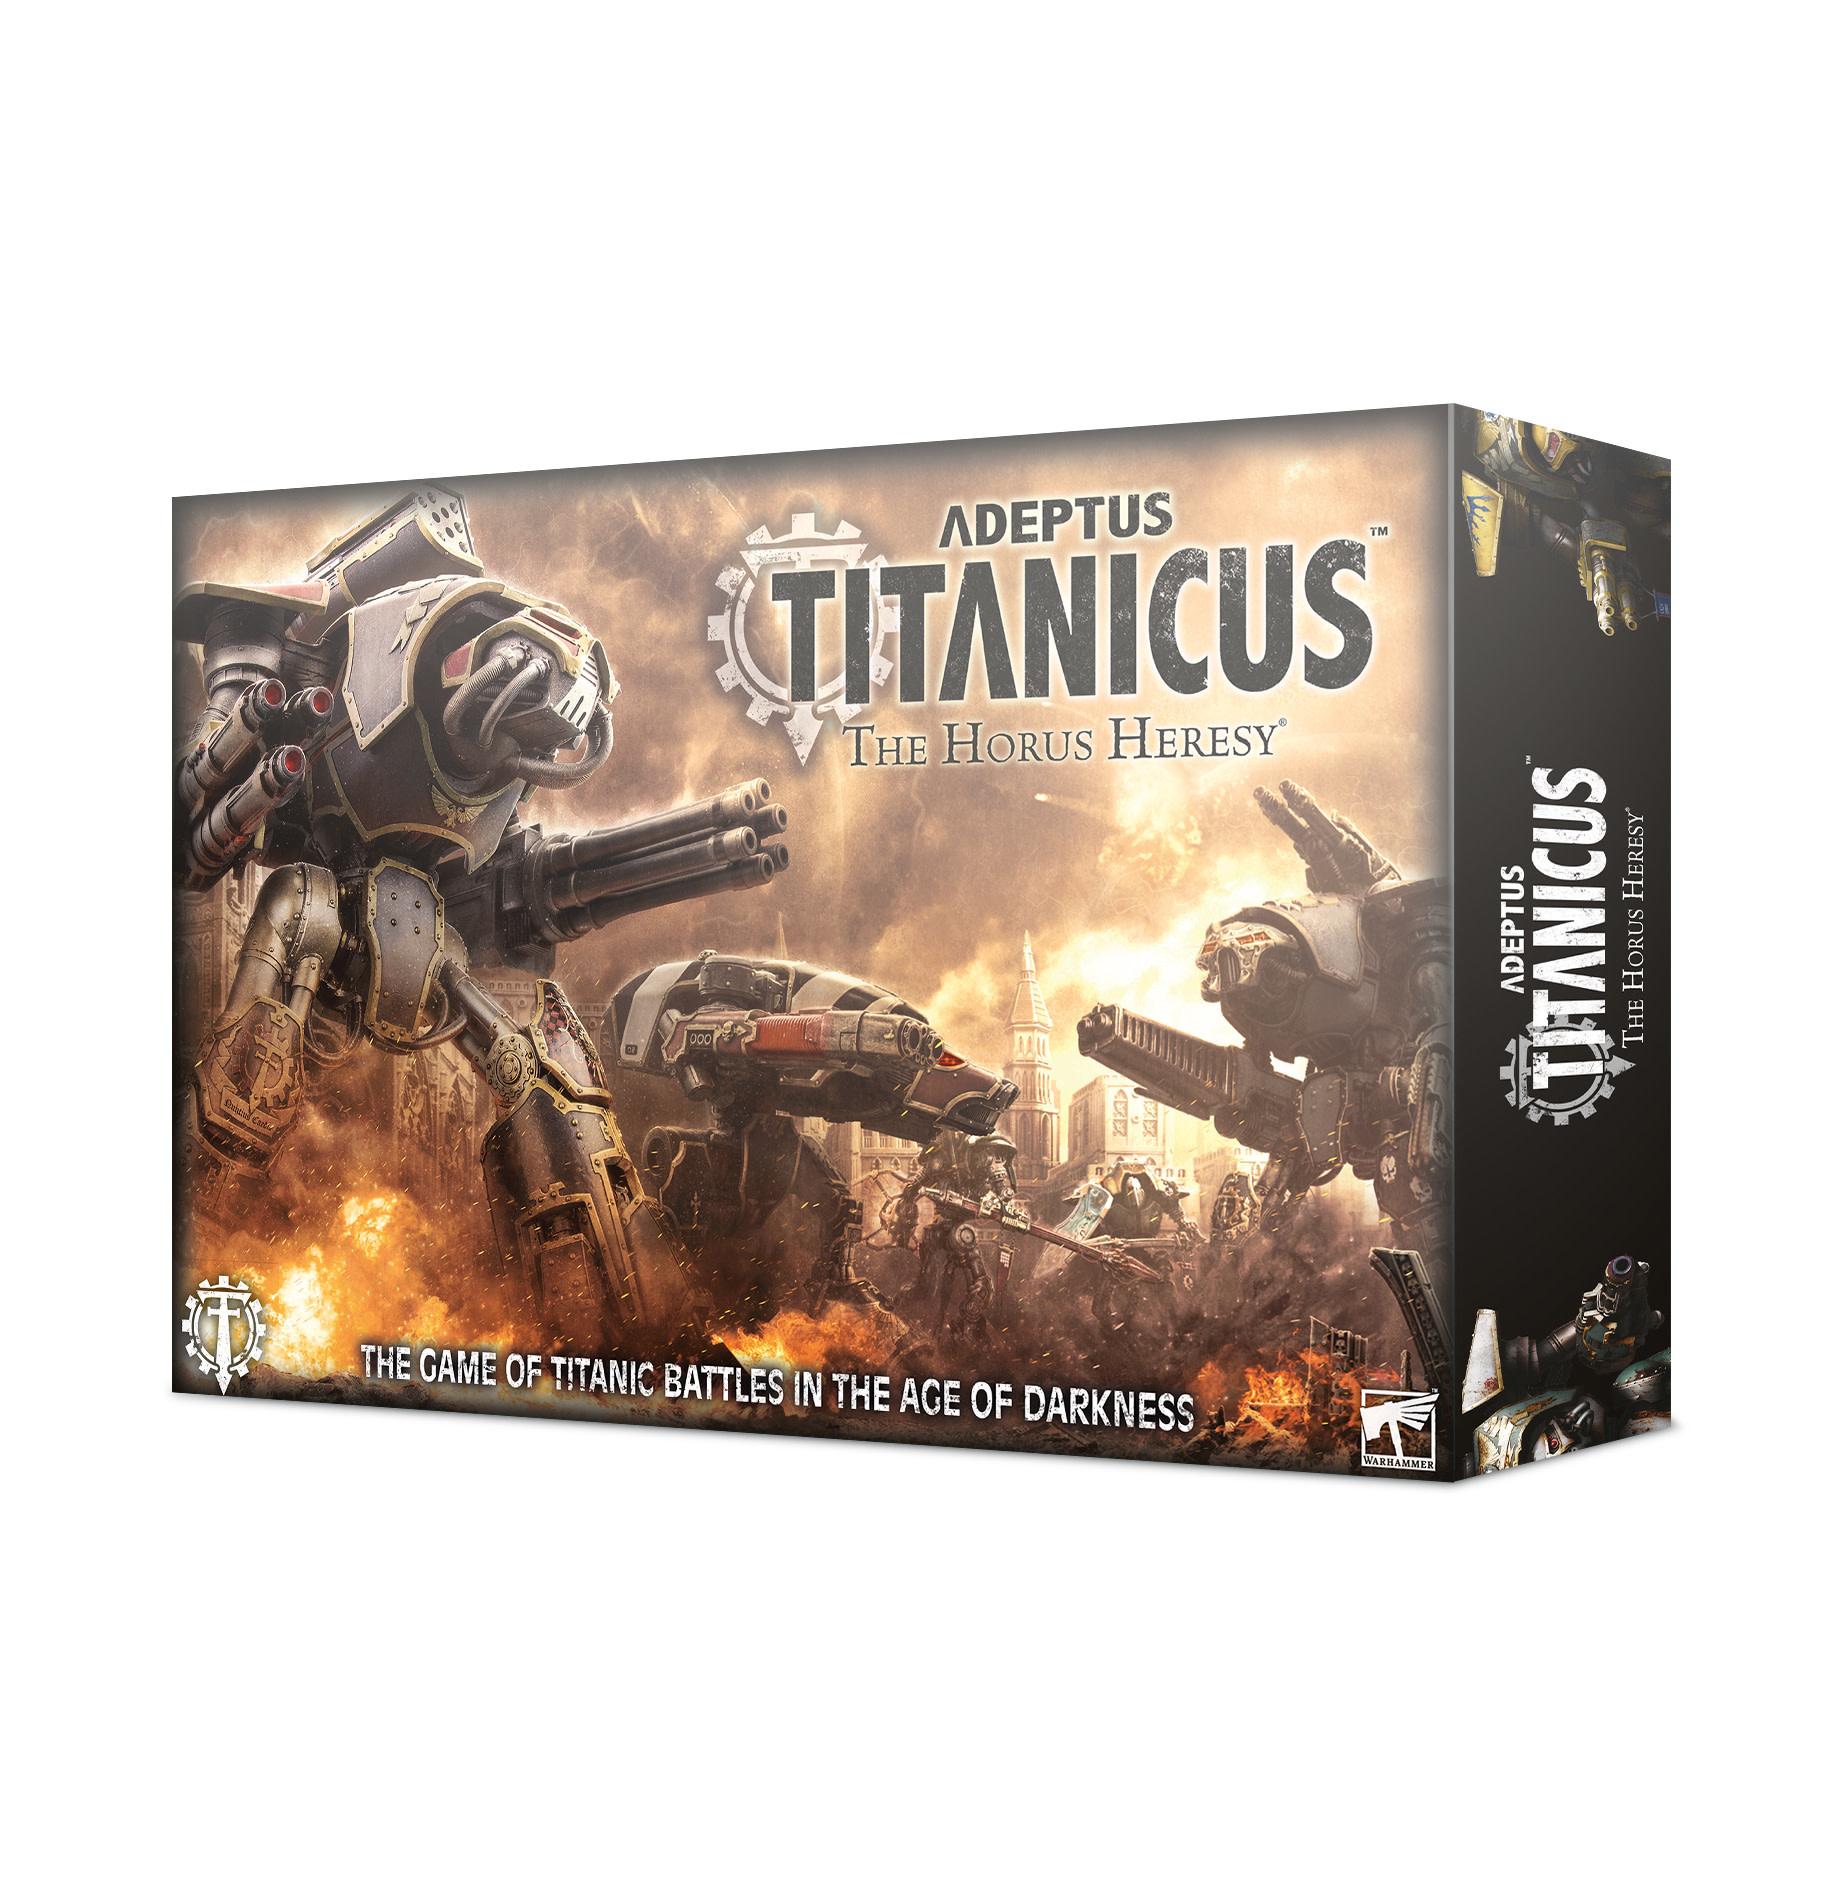 Games-Workshop Adeptus Titanicus Starter Set (English)